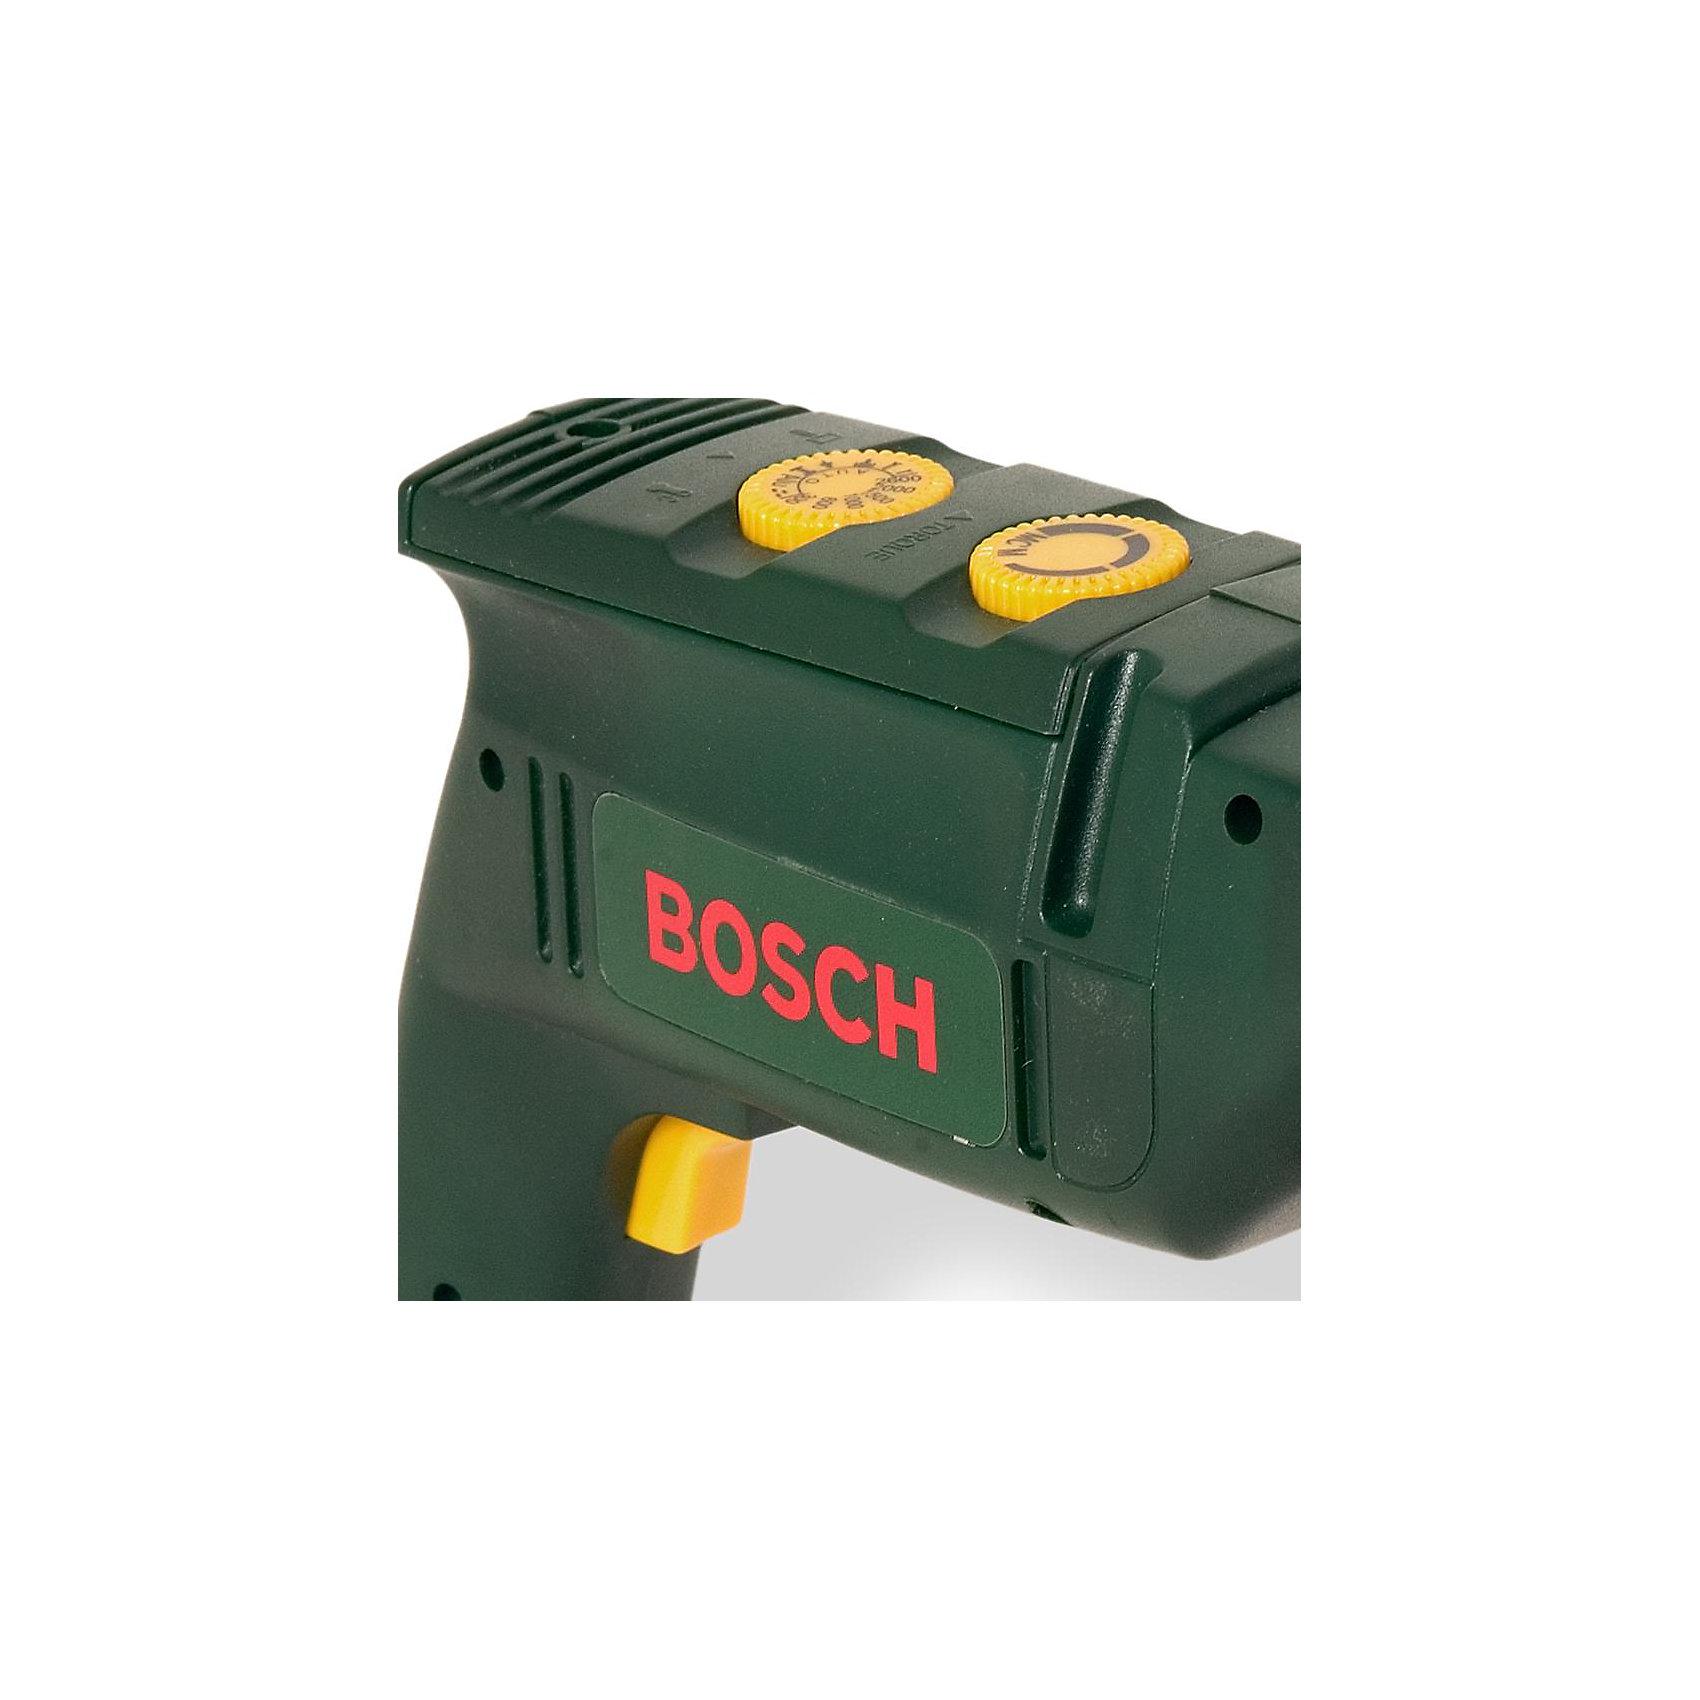 Дрель  Klein Bosch по цене 699